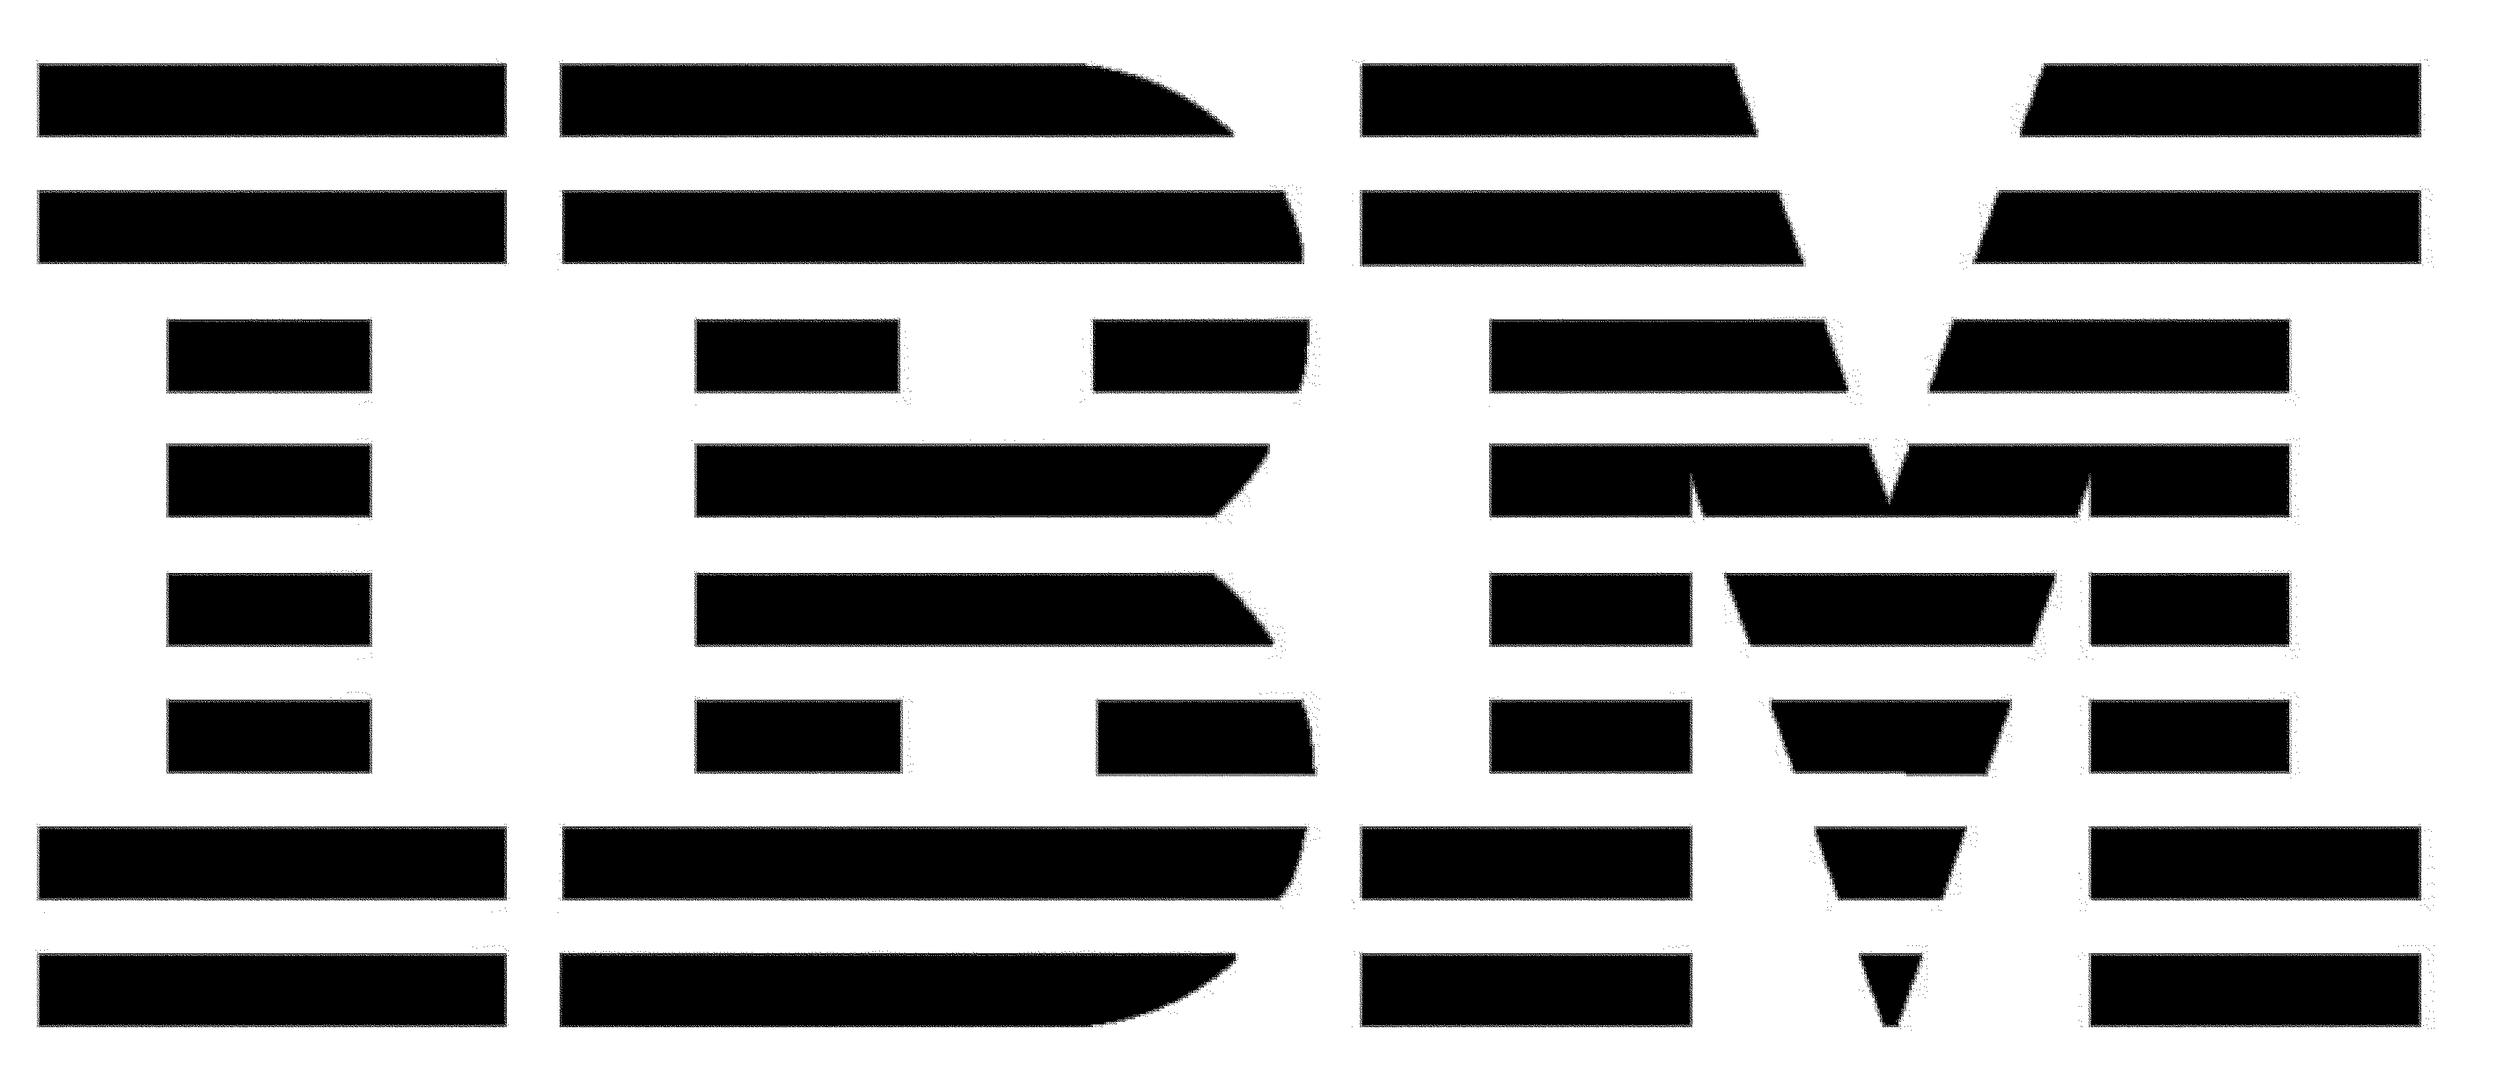 logo-IBM-1962.png